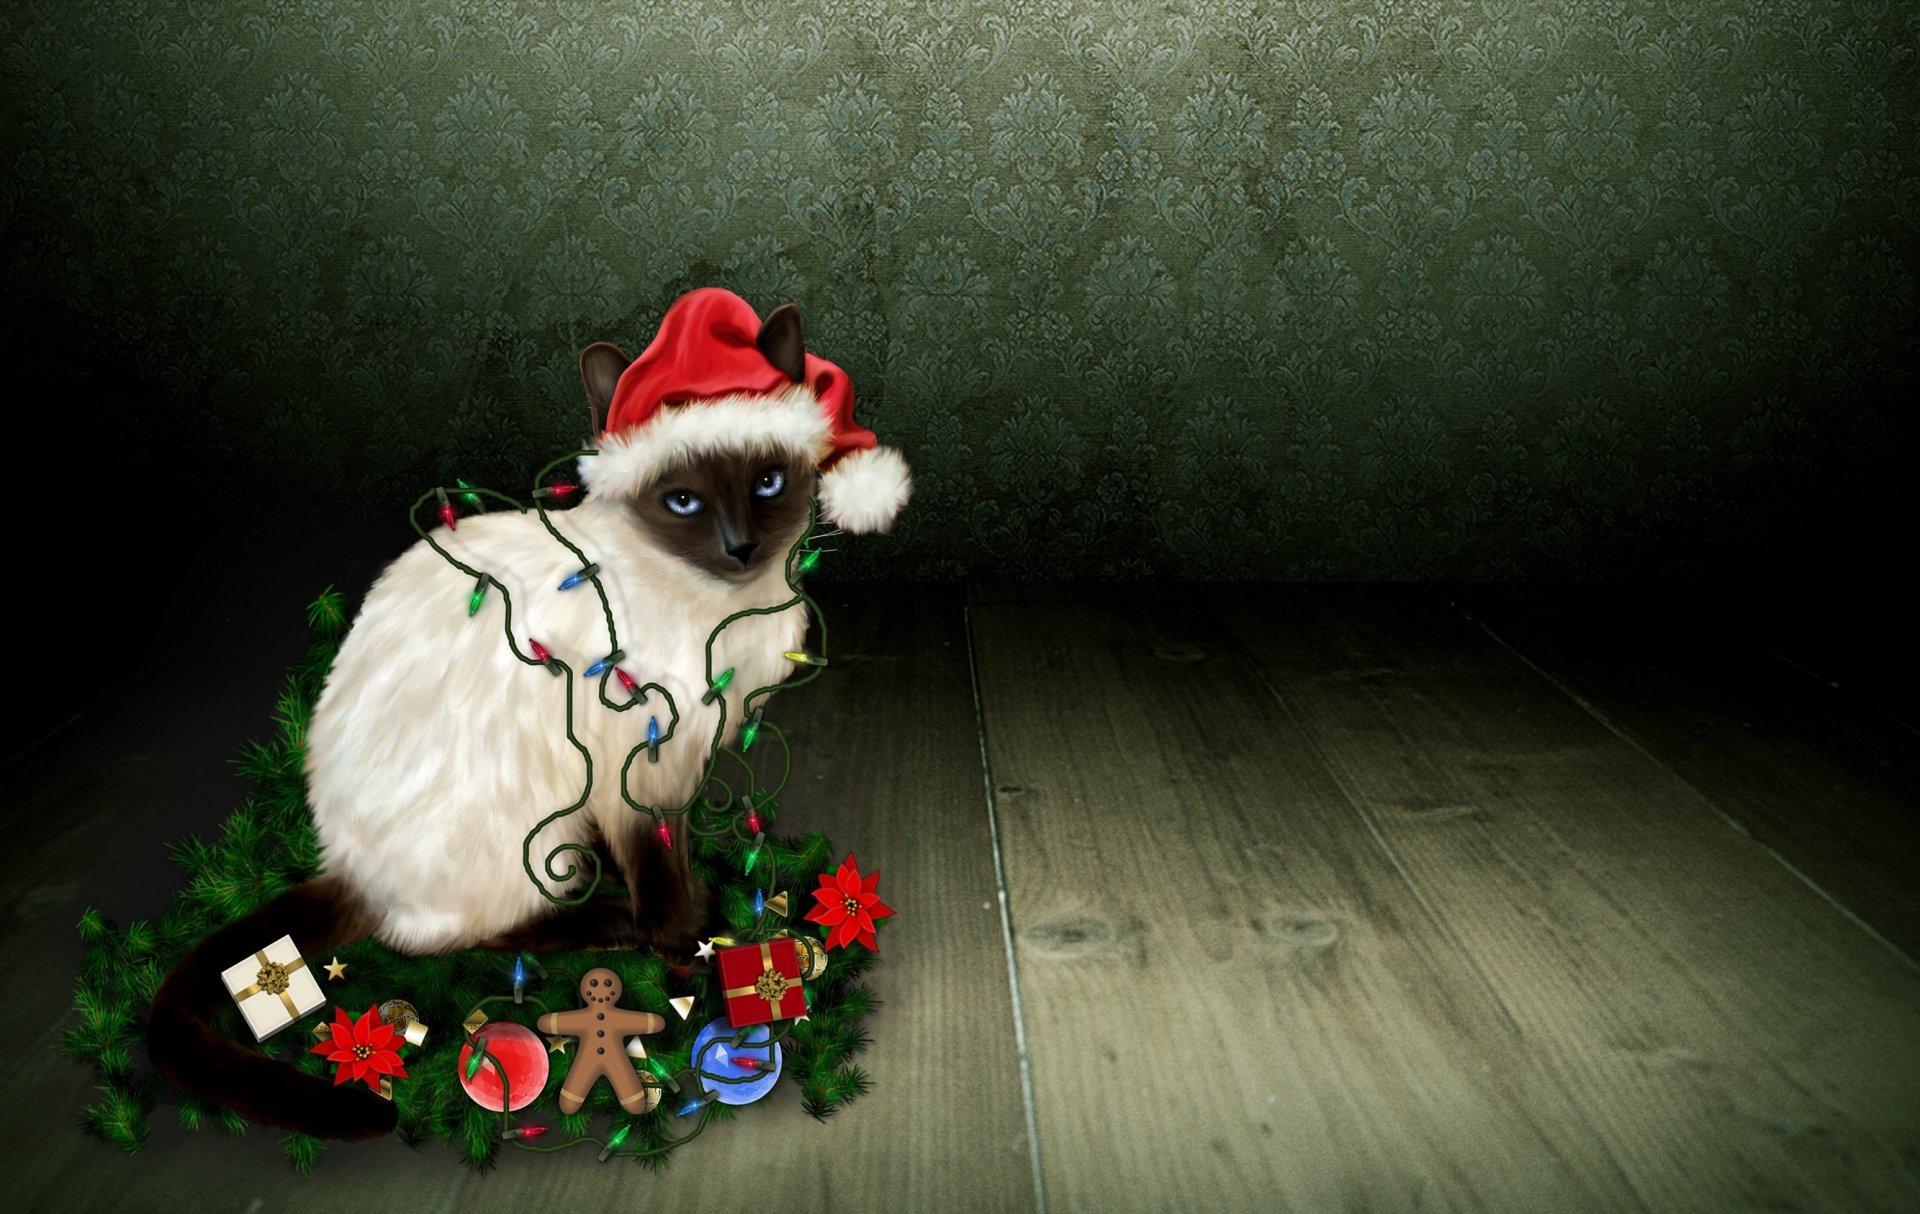 новогодние обои на рабочий стол год мыши фотографы нижневартовске